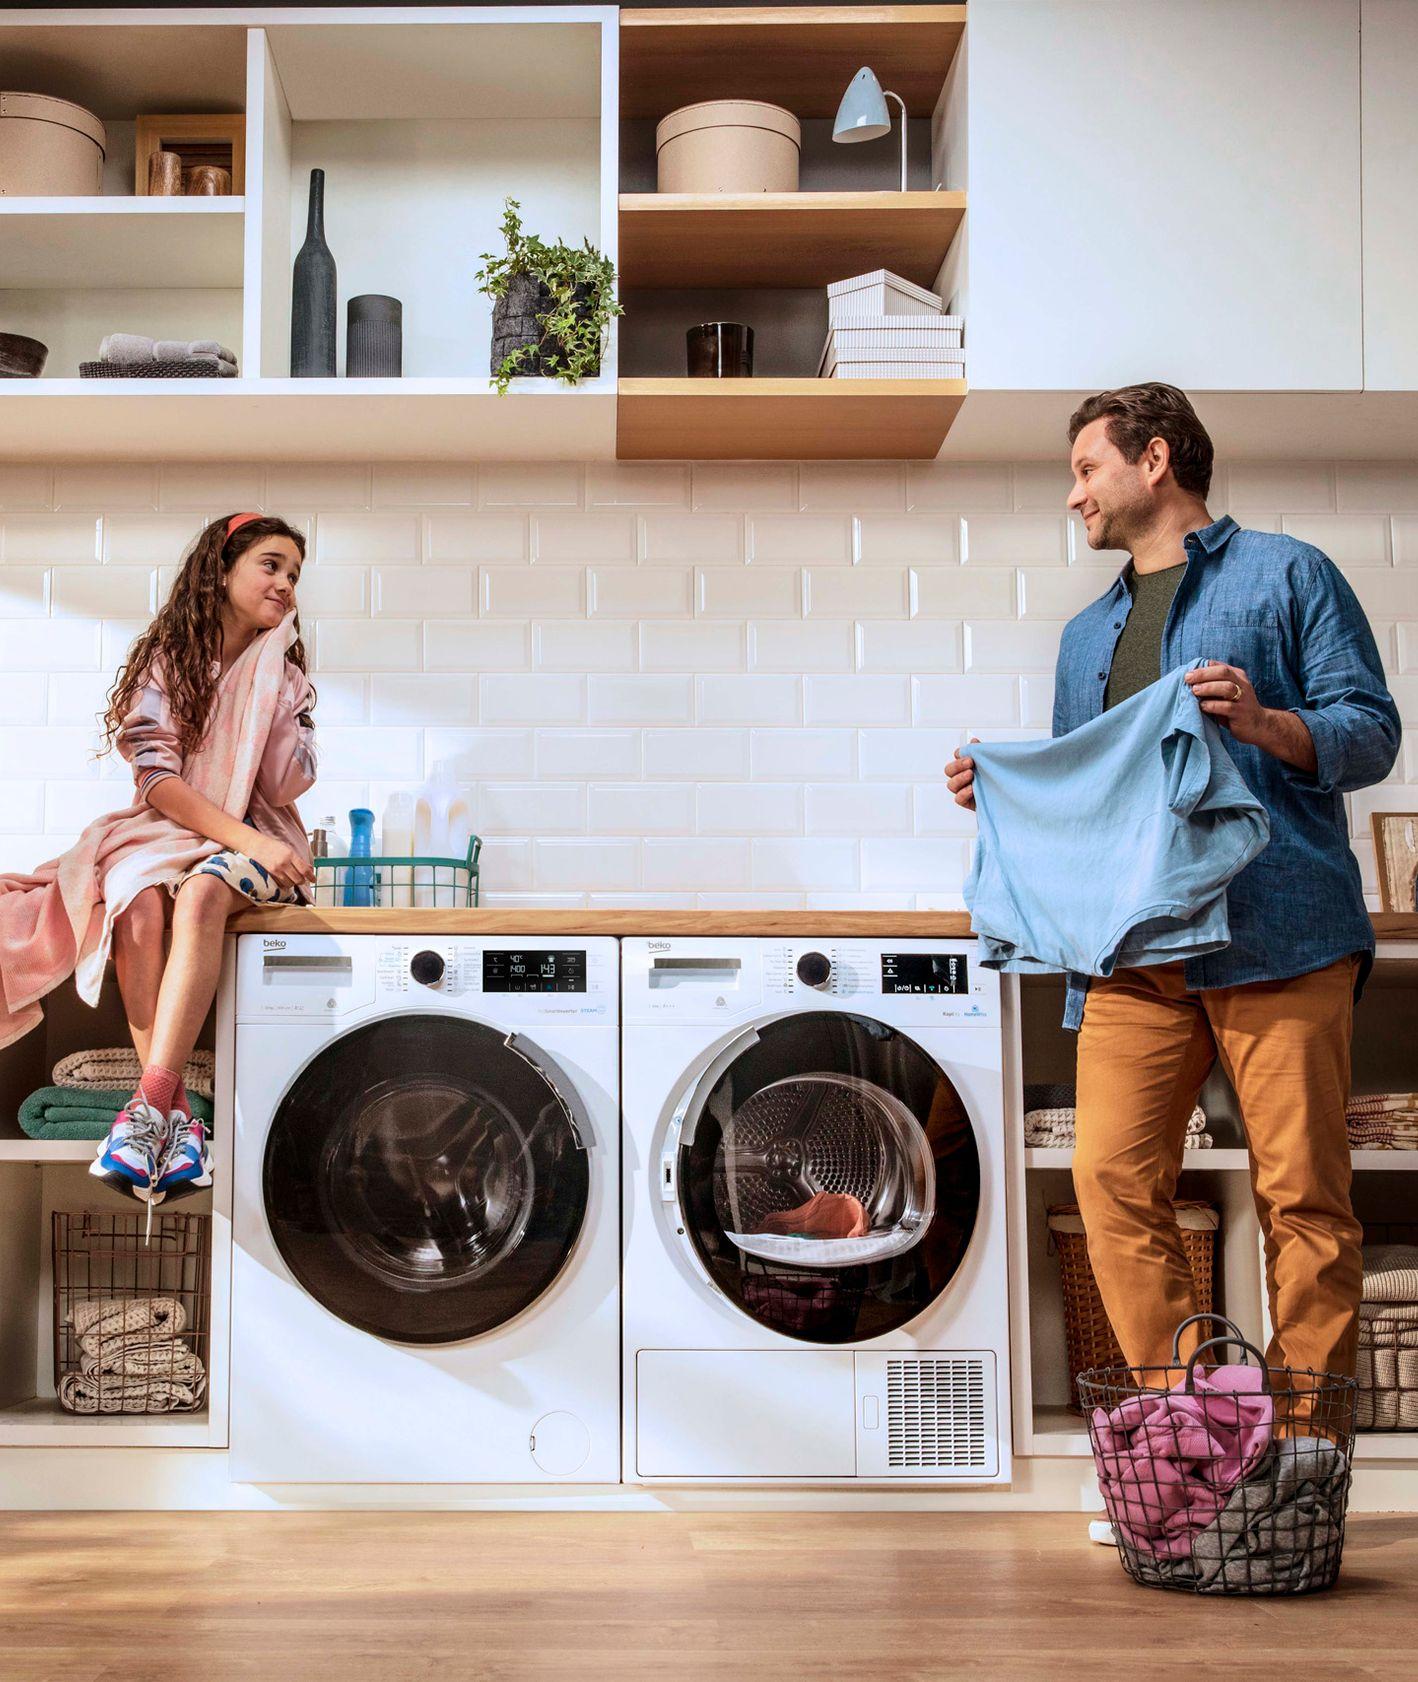 Ojciec z córką przy pralce (fot. materiały prasowe)